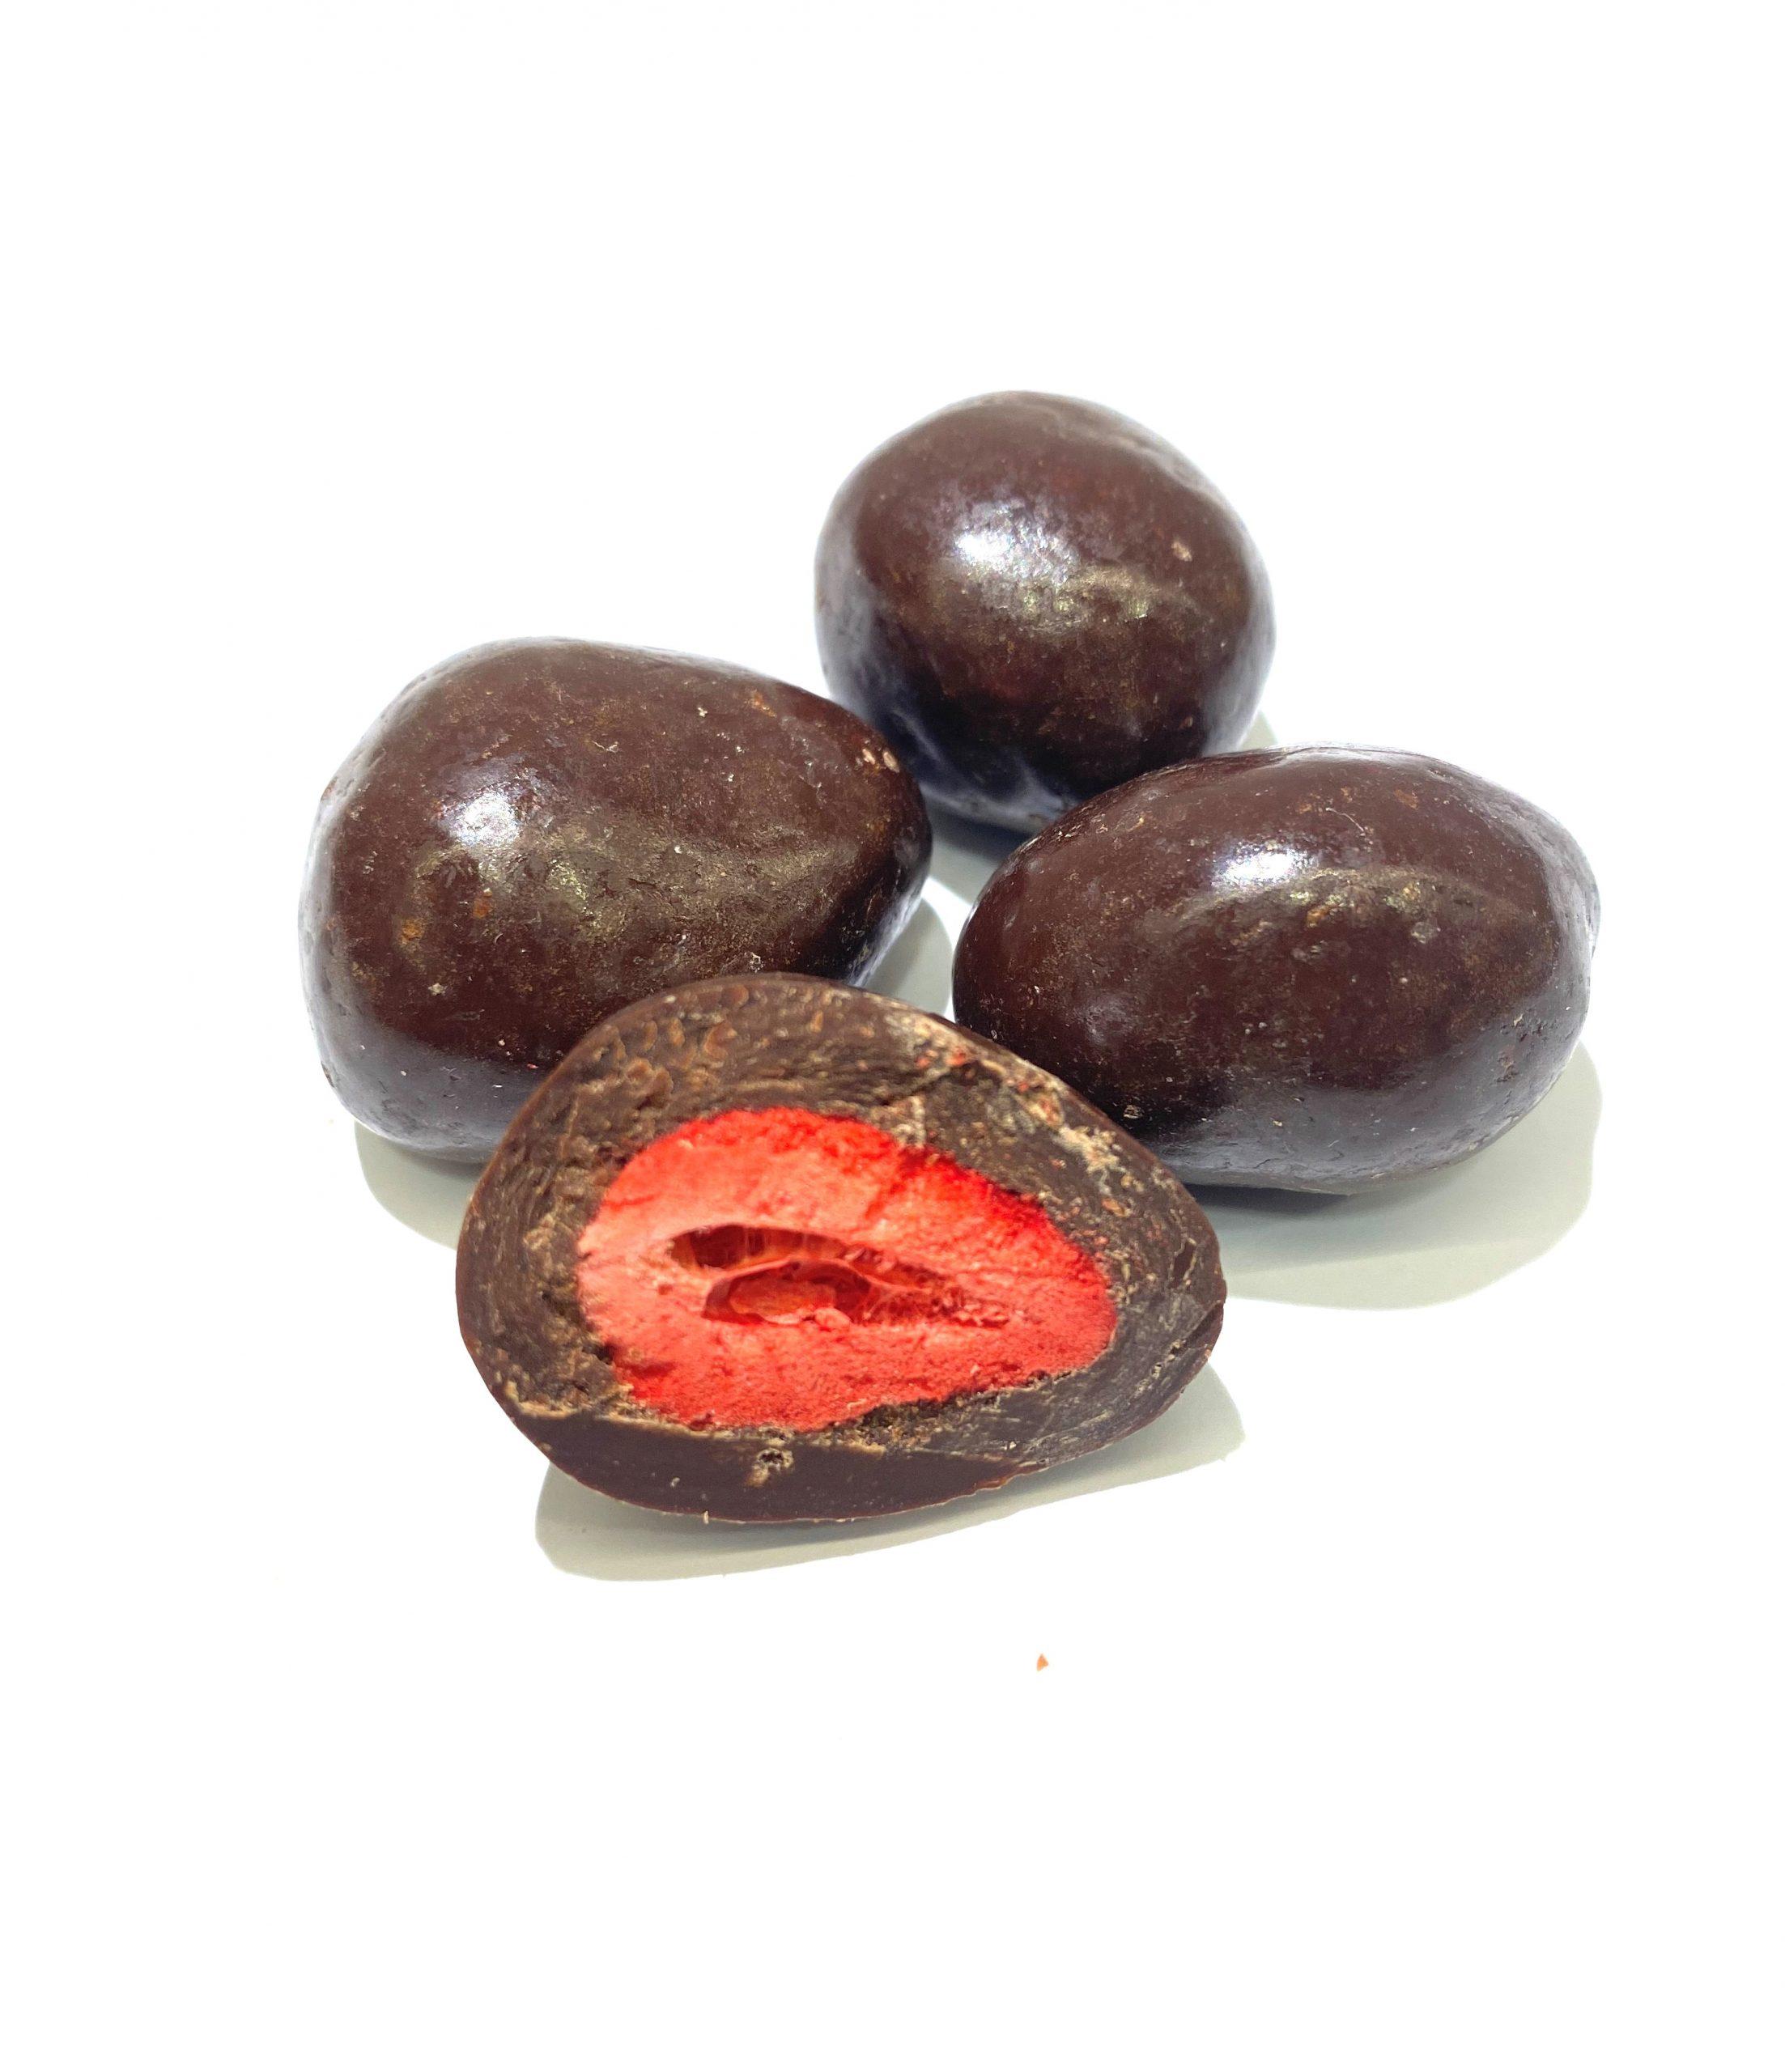 Frystorkad jordgubb mörk ch